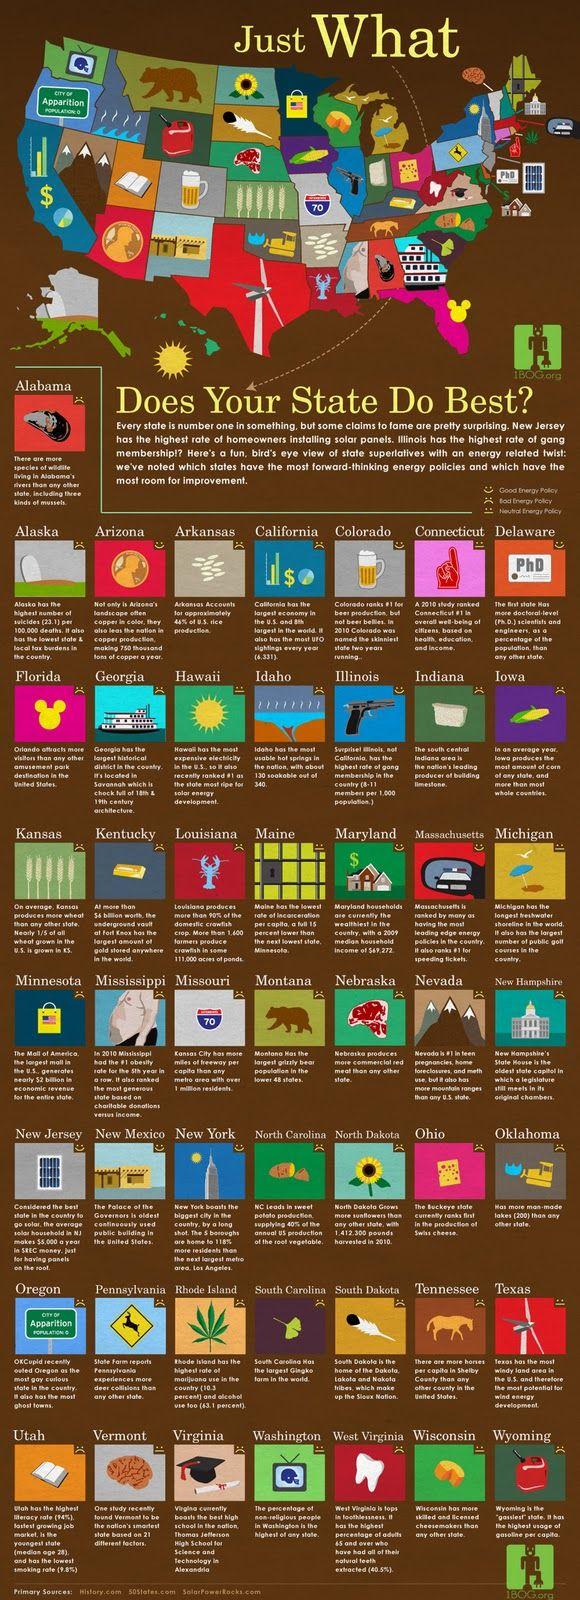 Whaaaaa?  Colorado does animal-free handbags best!